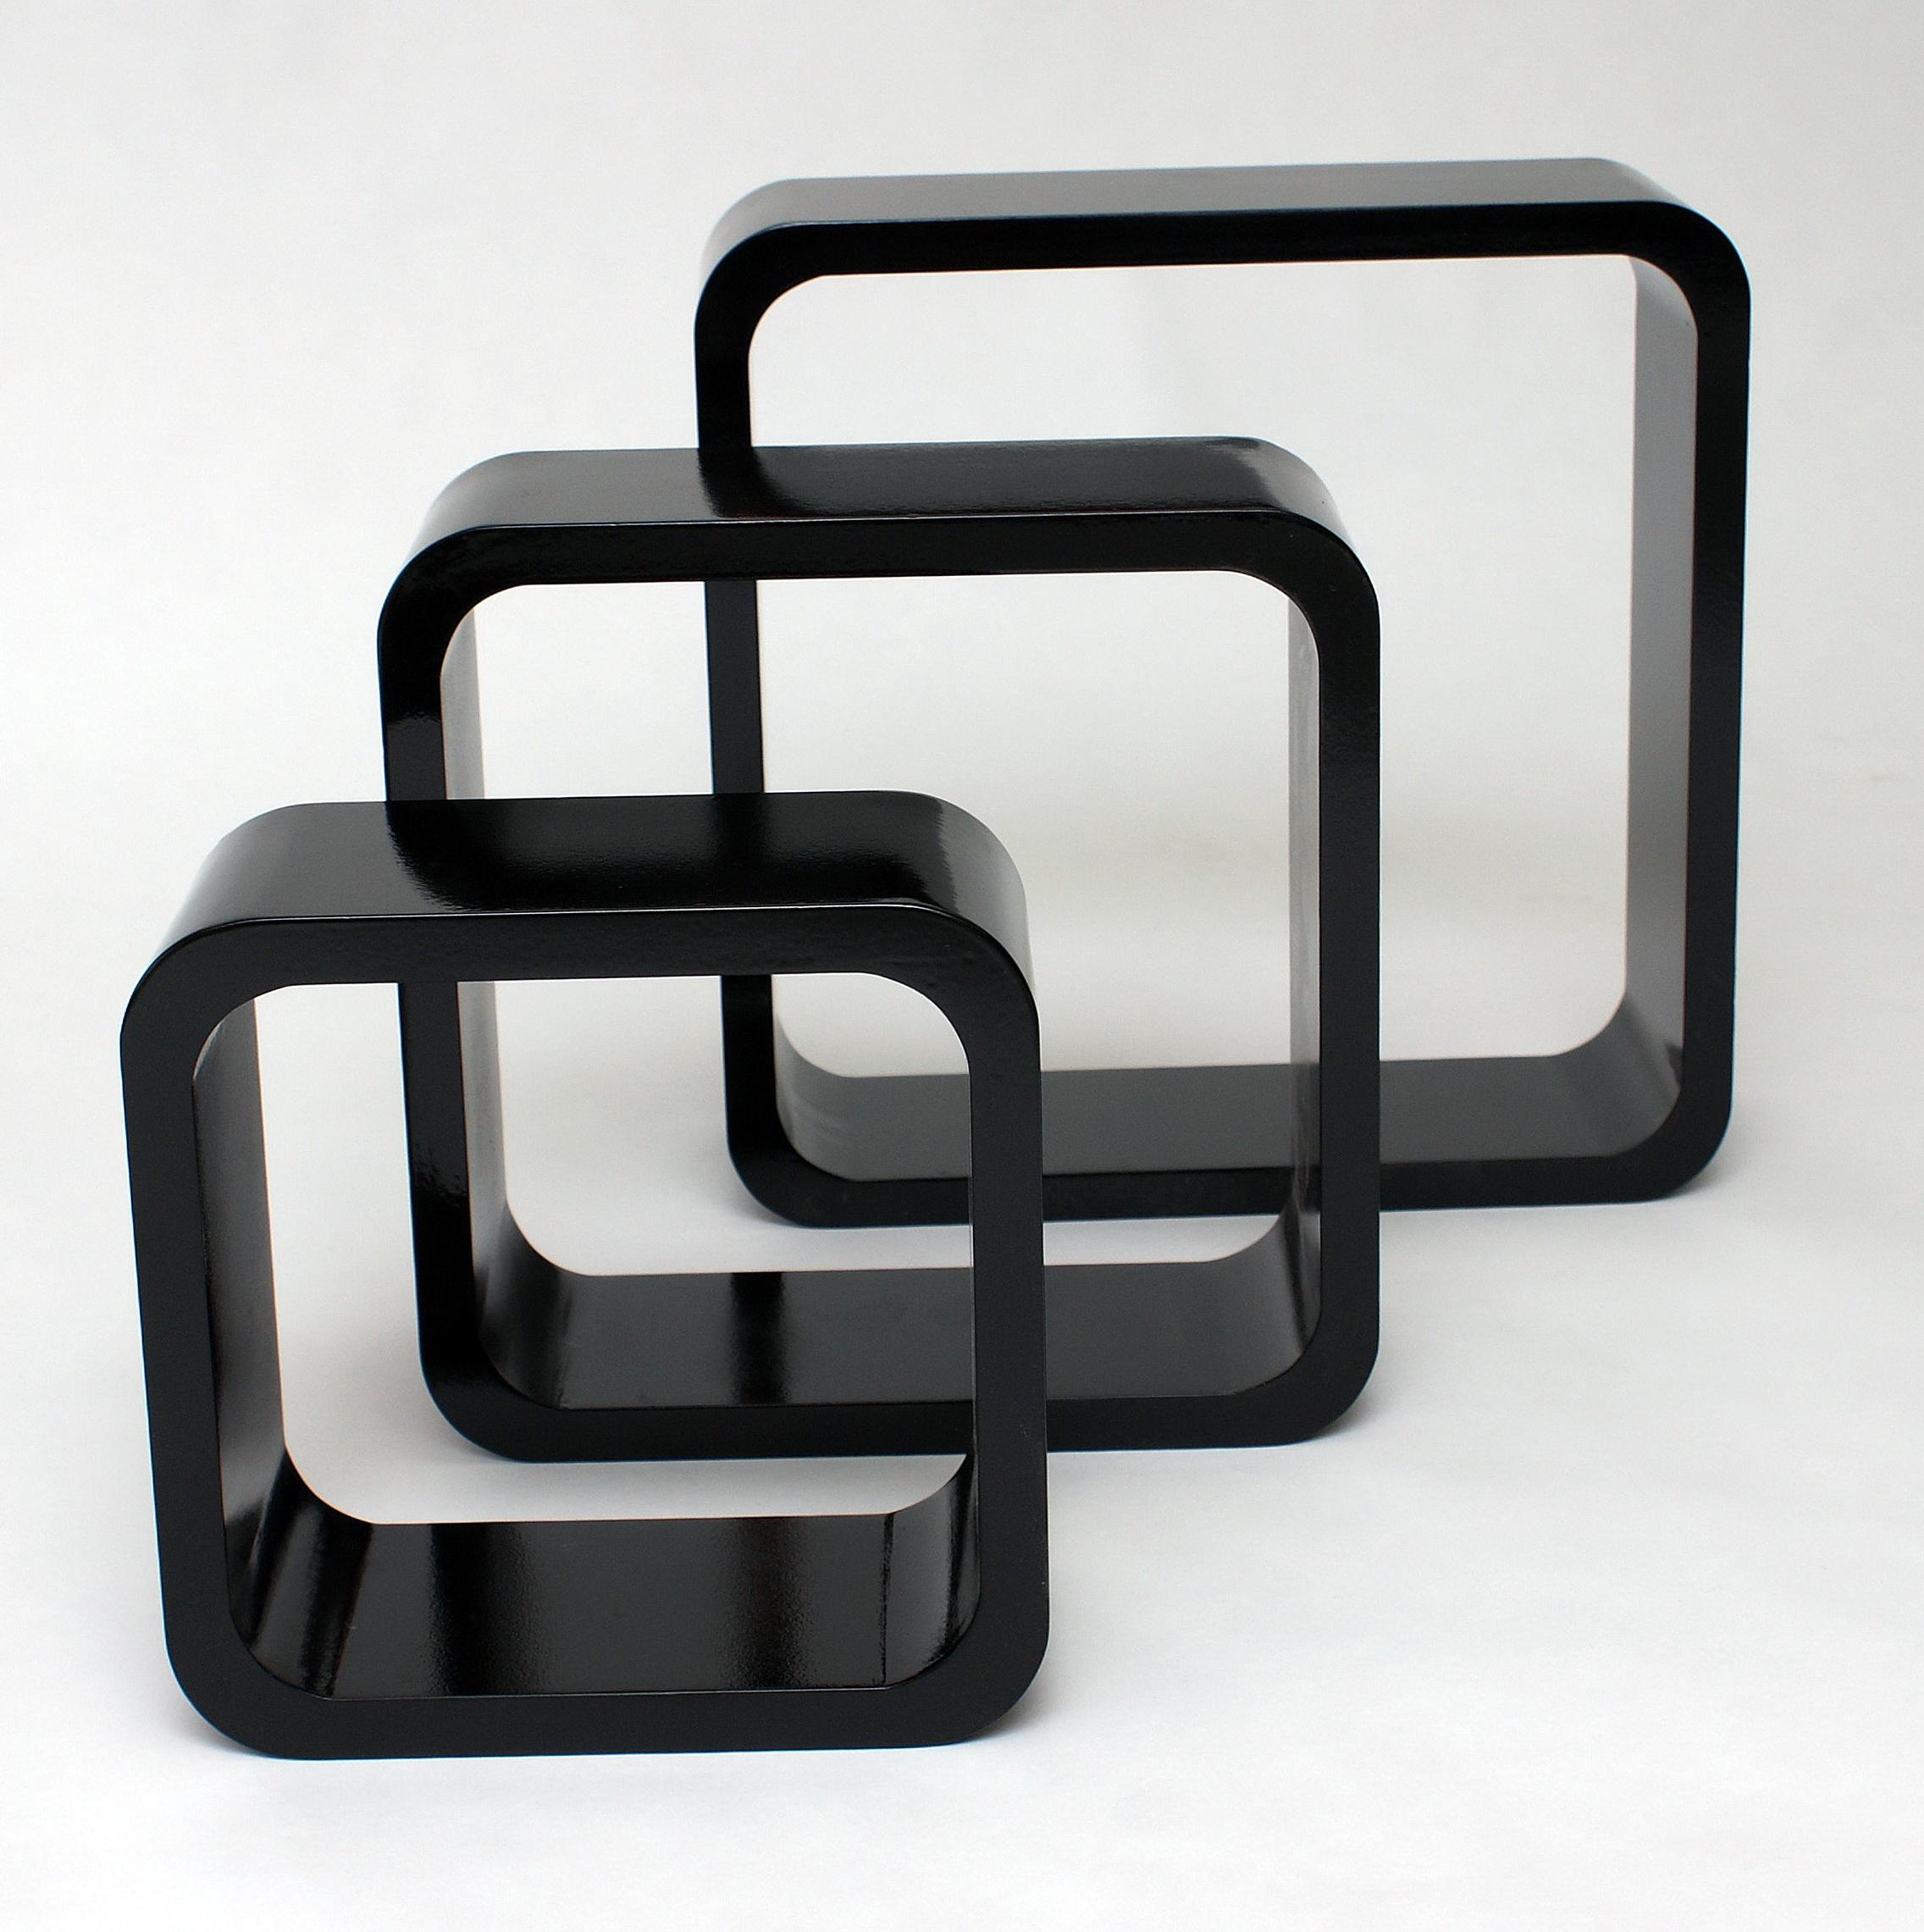 Wall Cube Shelves Black